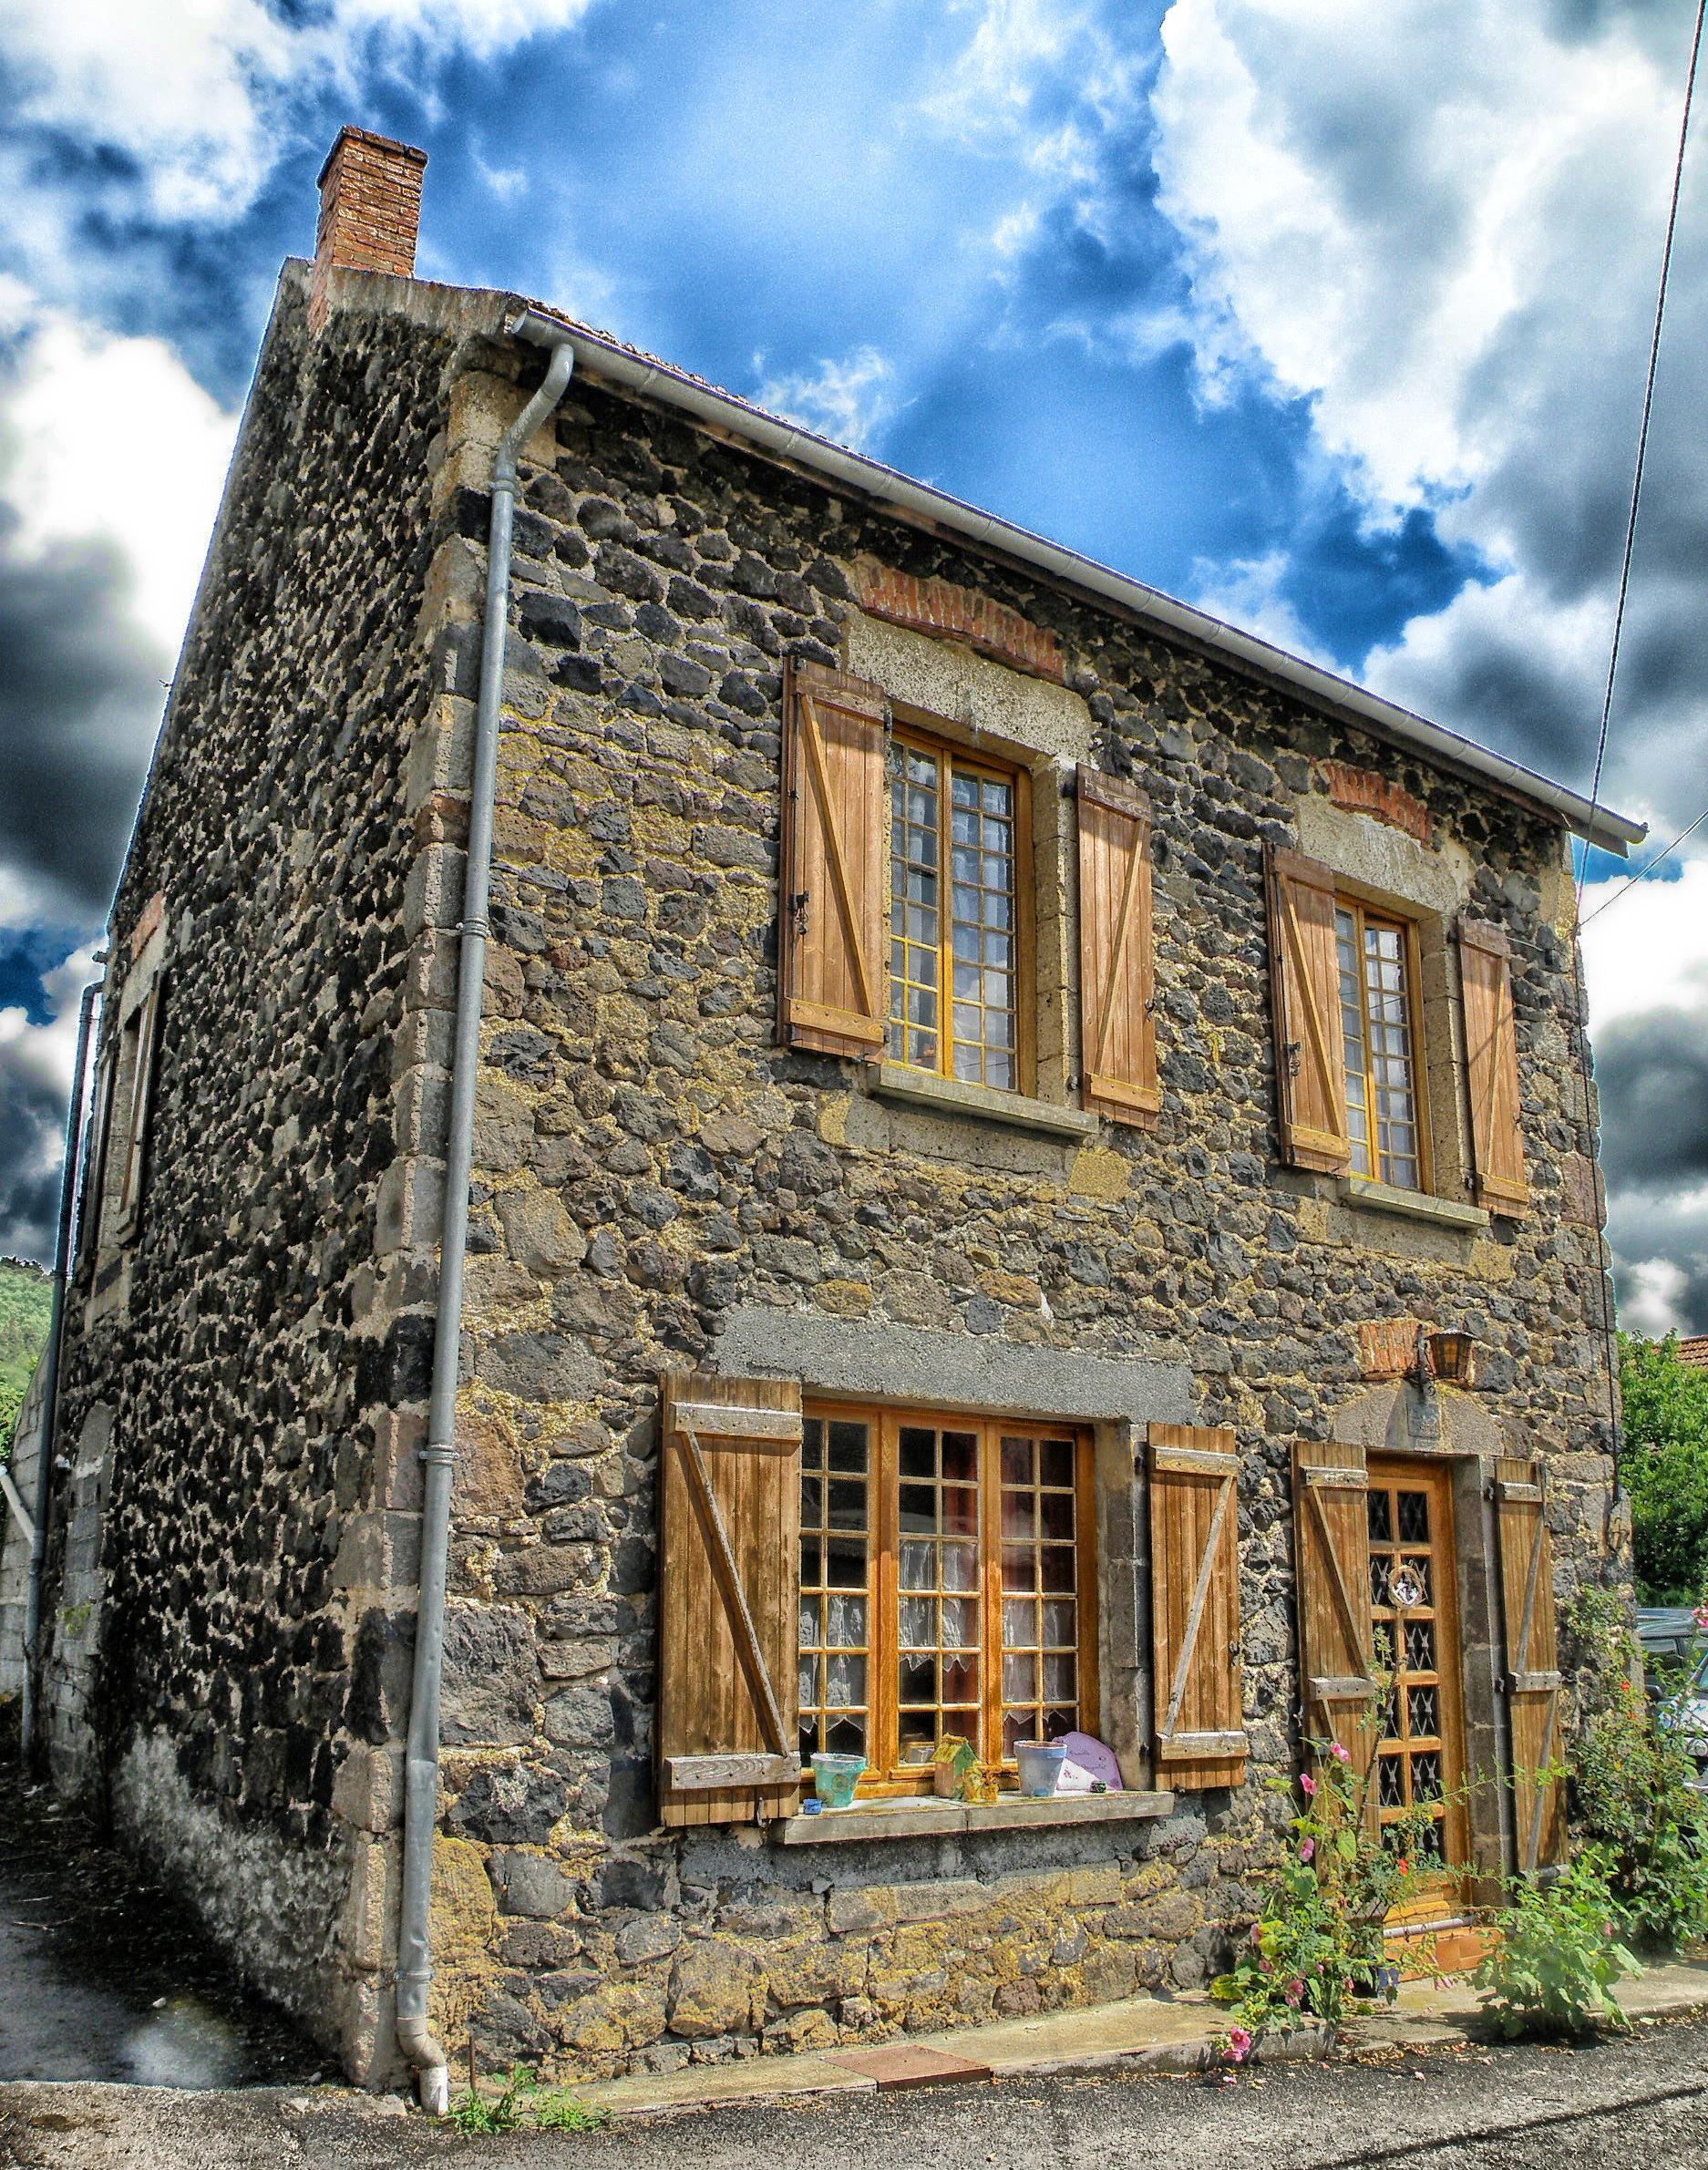 Facade de maison en pierre et bois - Facade architecture maison ...